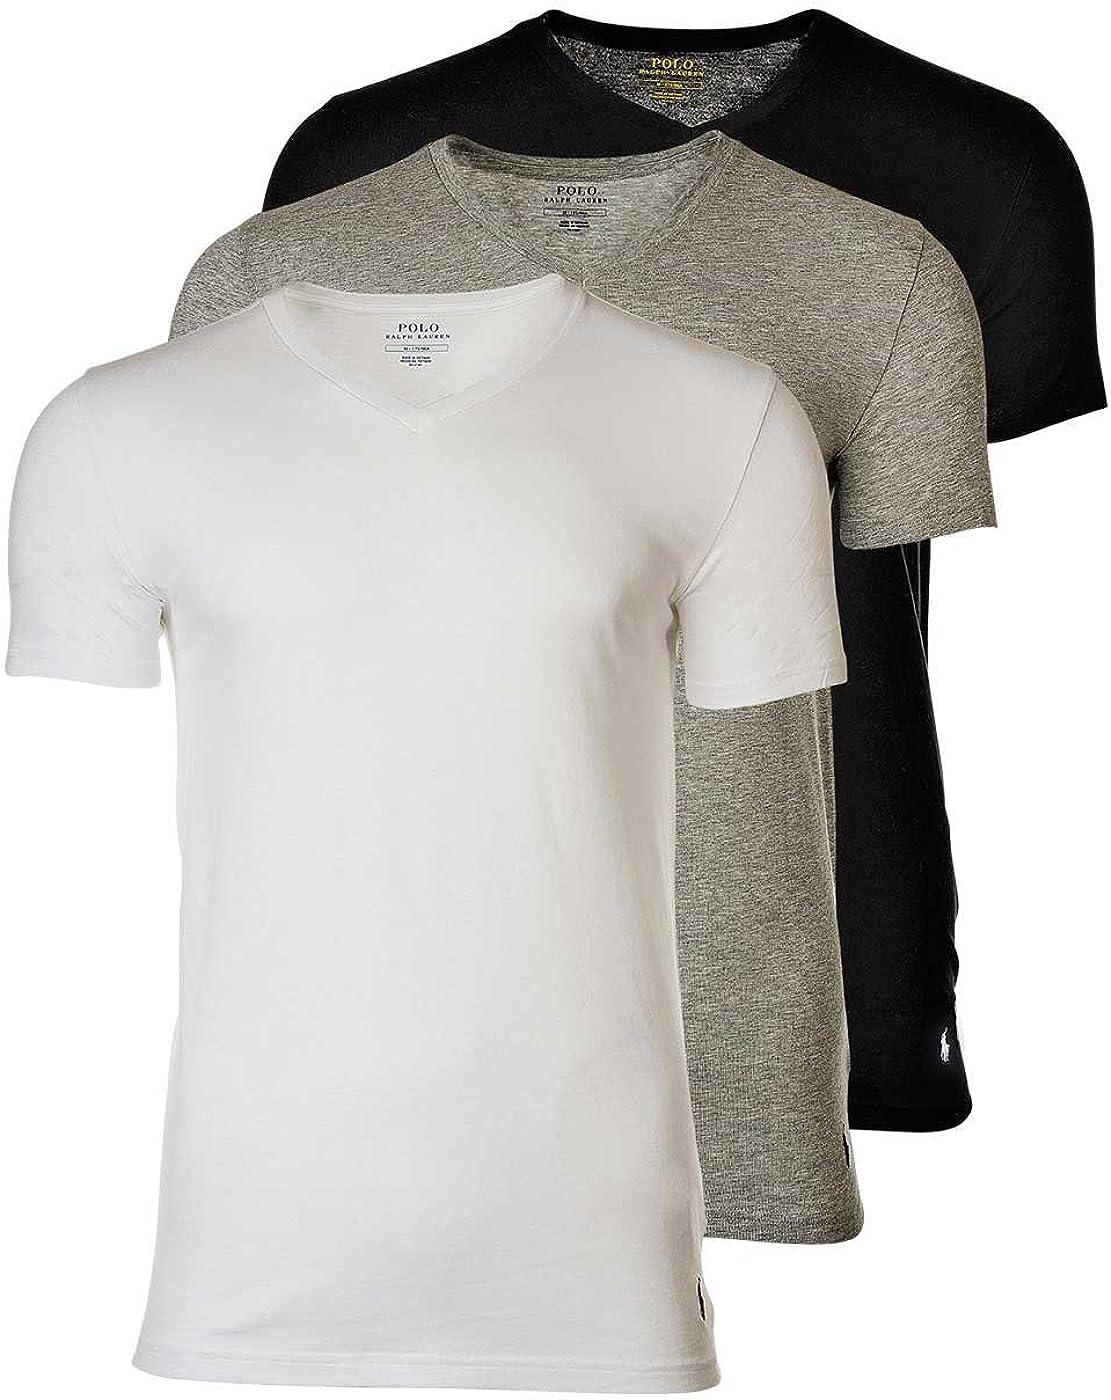 Polo Ralph Lauren 3 Pack Camisetas Hombre, Cuello V, Media Manga - Blanco/Gris/Negro: Amazon.es: Ropa y accesorios